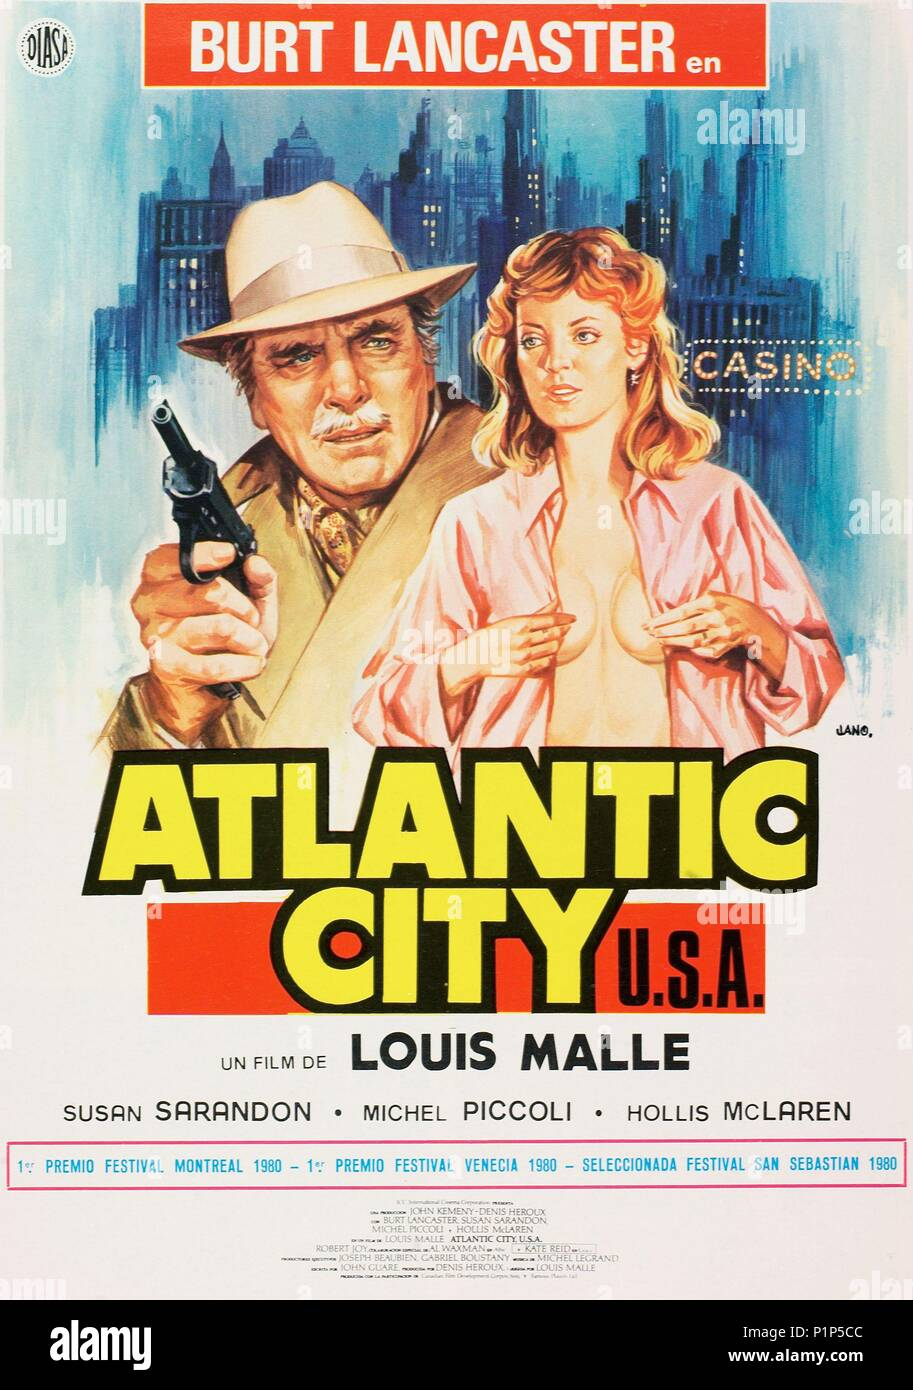 Desmadre City USA - Película 1980 - SensaCine.com